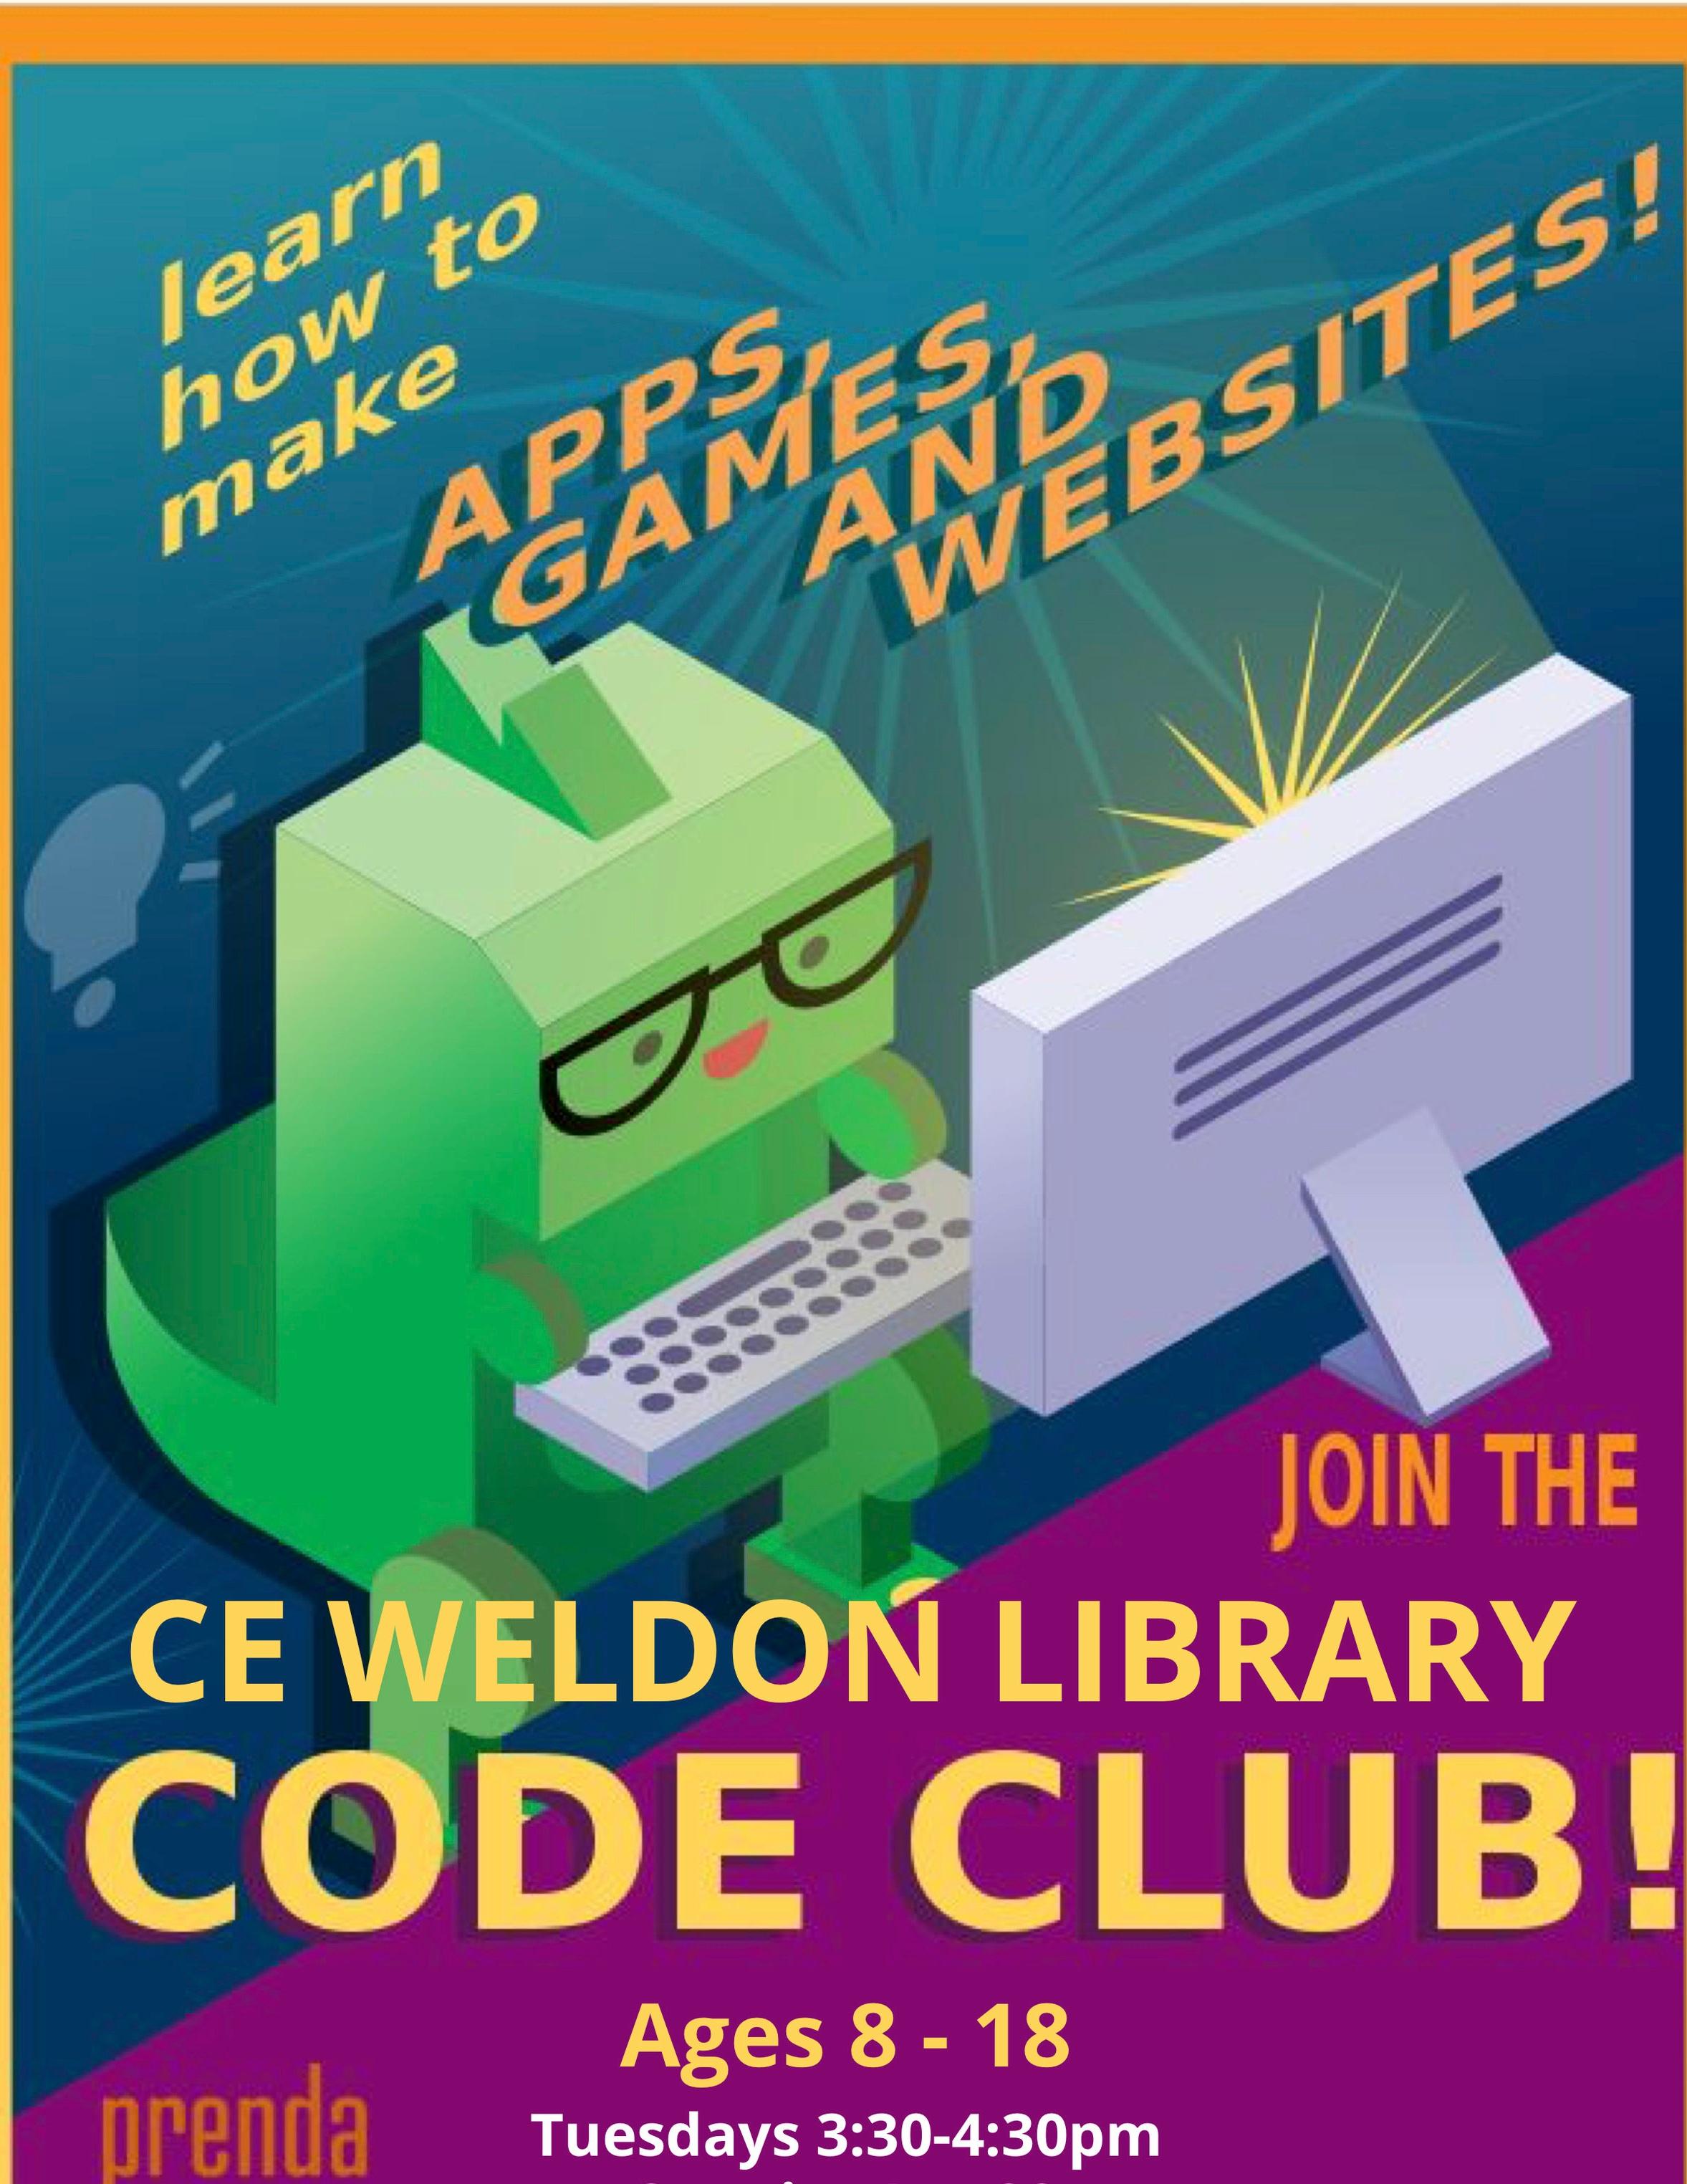 CE+Weldon+Code+Club+Poster.jpg